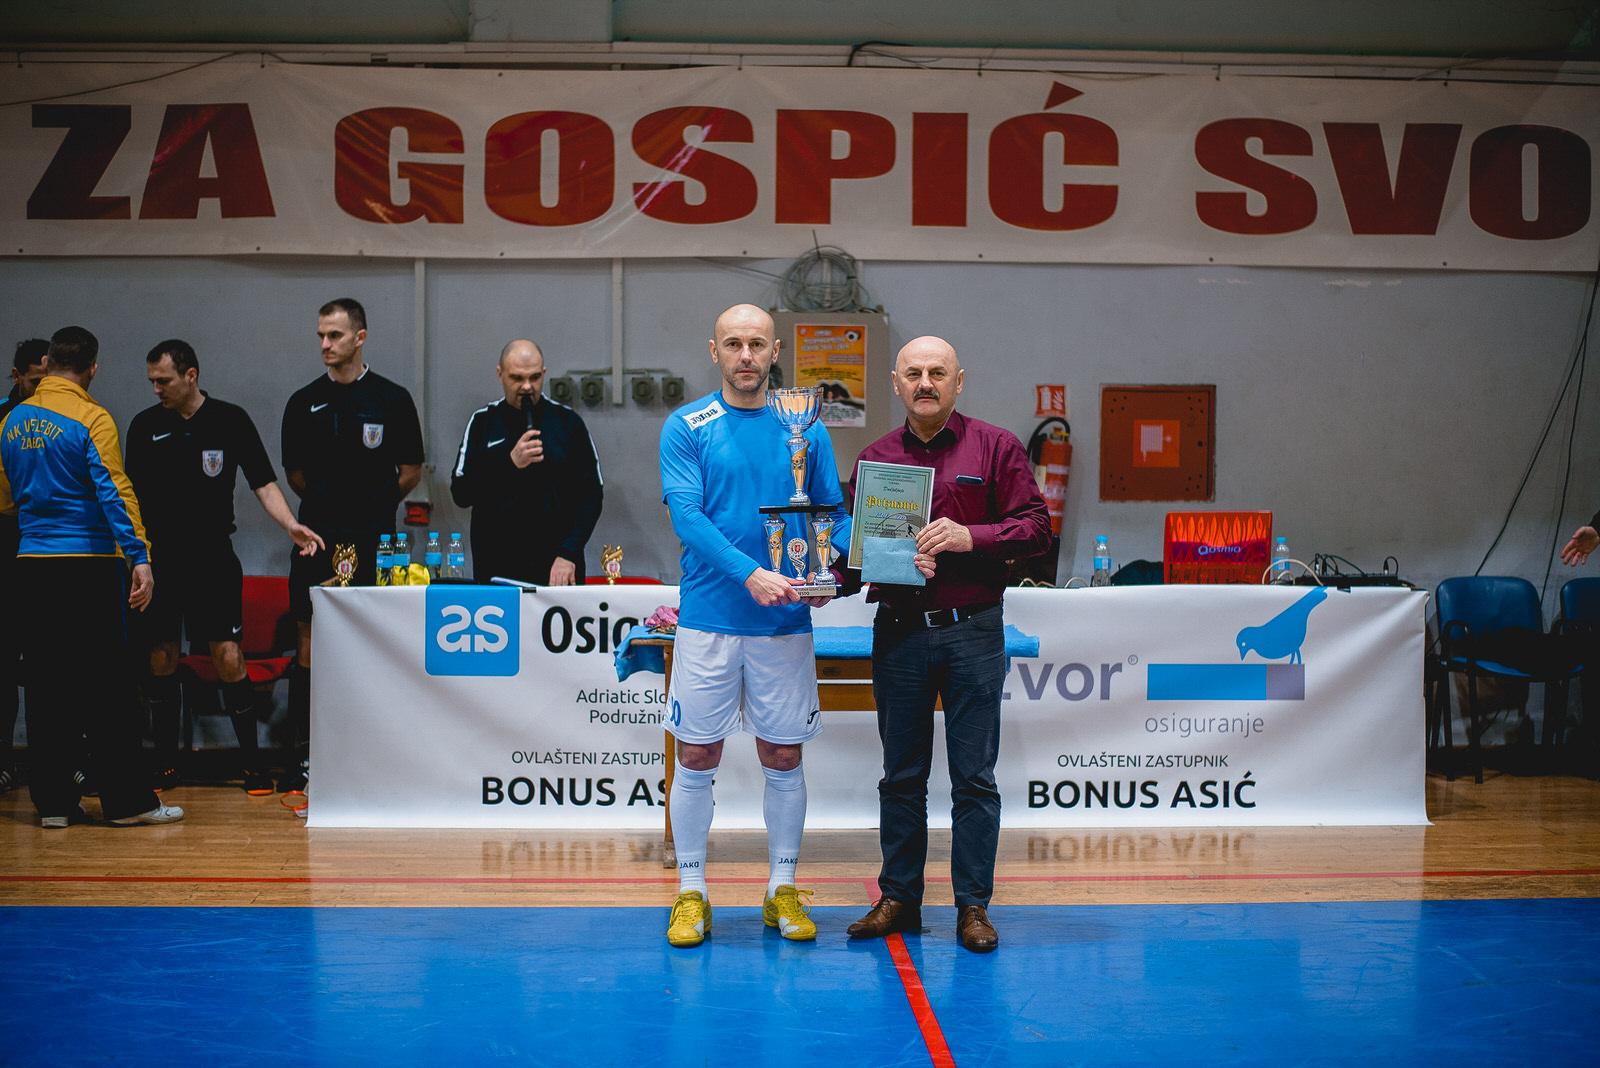 likaclub_gospić_zimski-malonogometni-turnir-2018-19-109